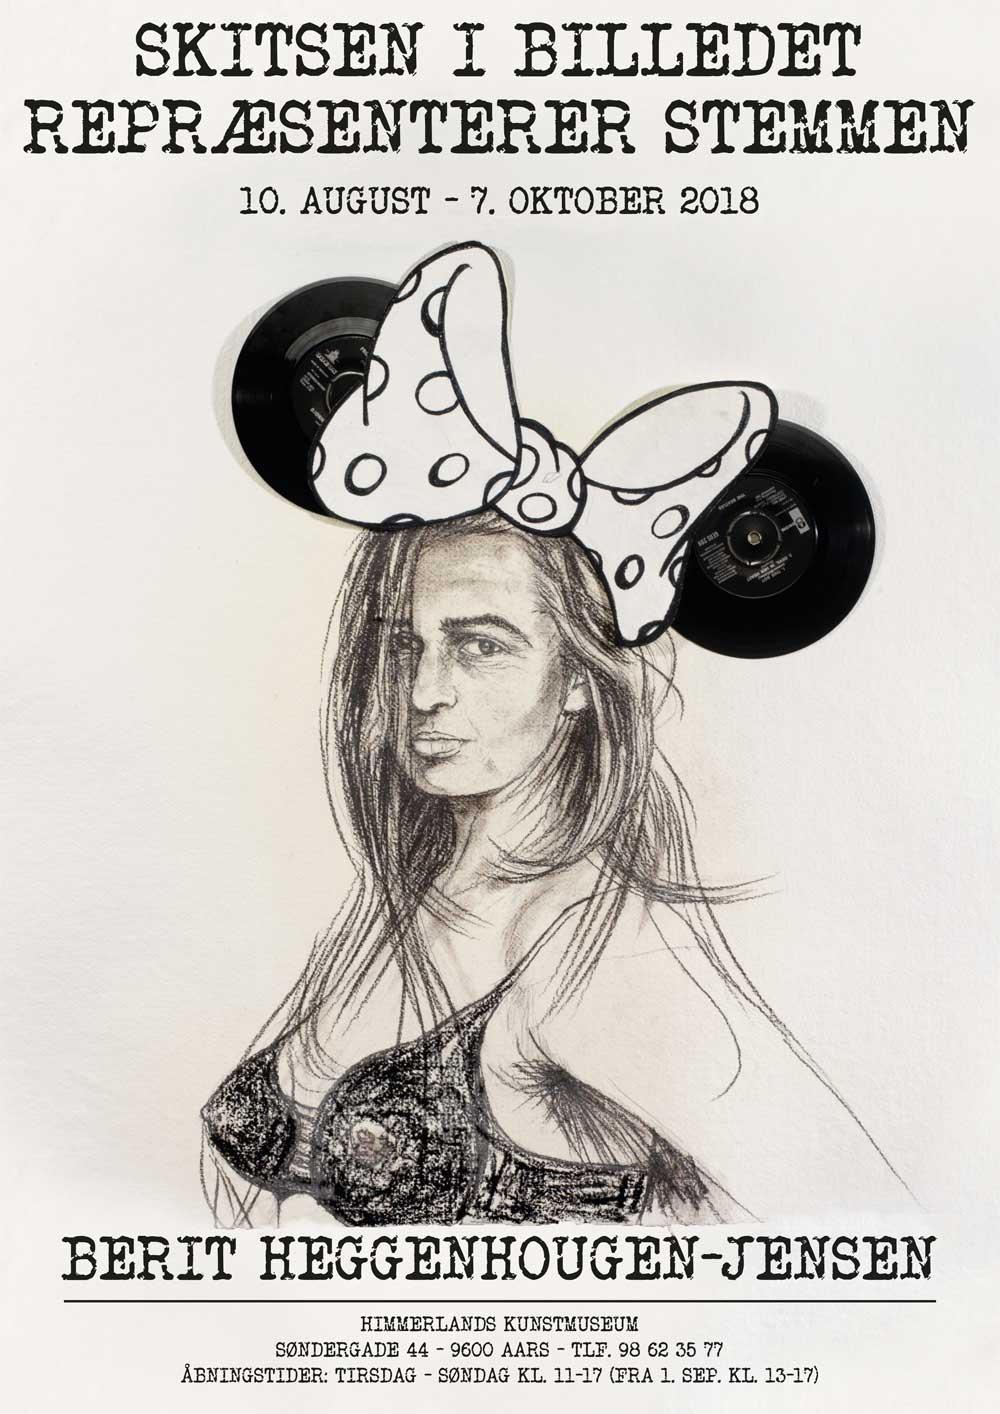 Plakat fra udstilling med Berit Heggenhouen-Jensen